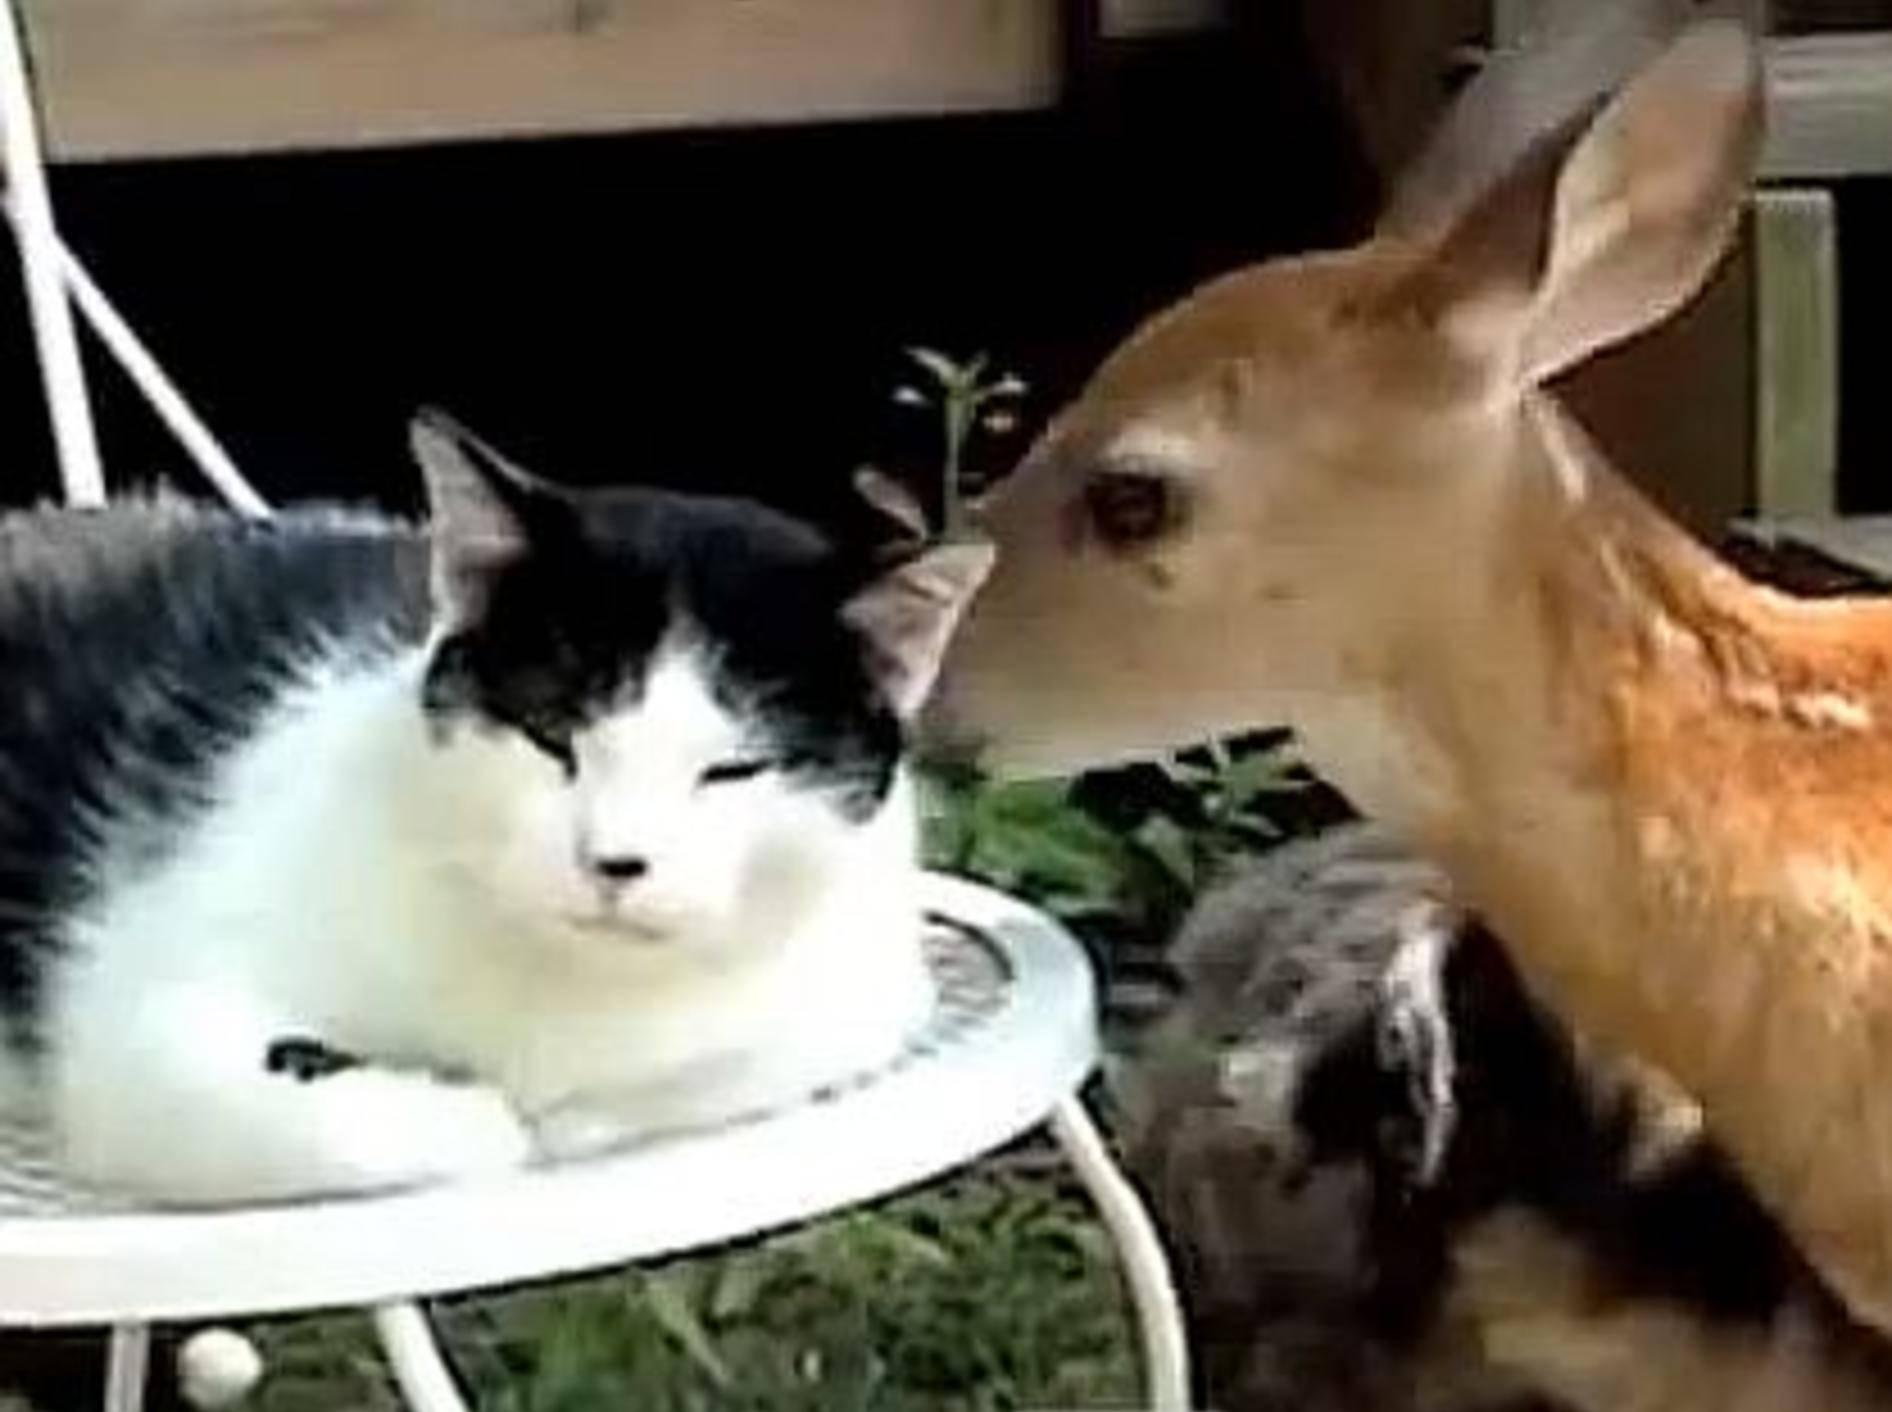 Tolles Team: Diese Tiere sieht man selten zusammen – Bild: Youtube / PetTubedotcom